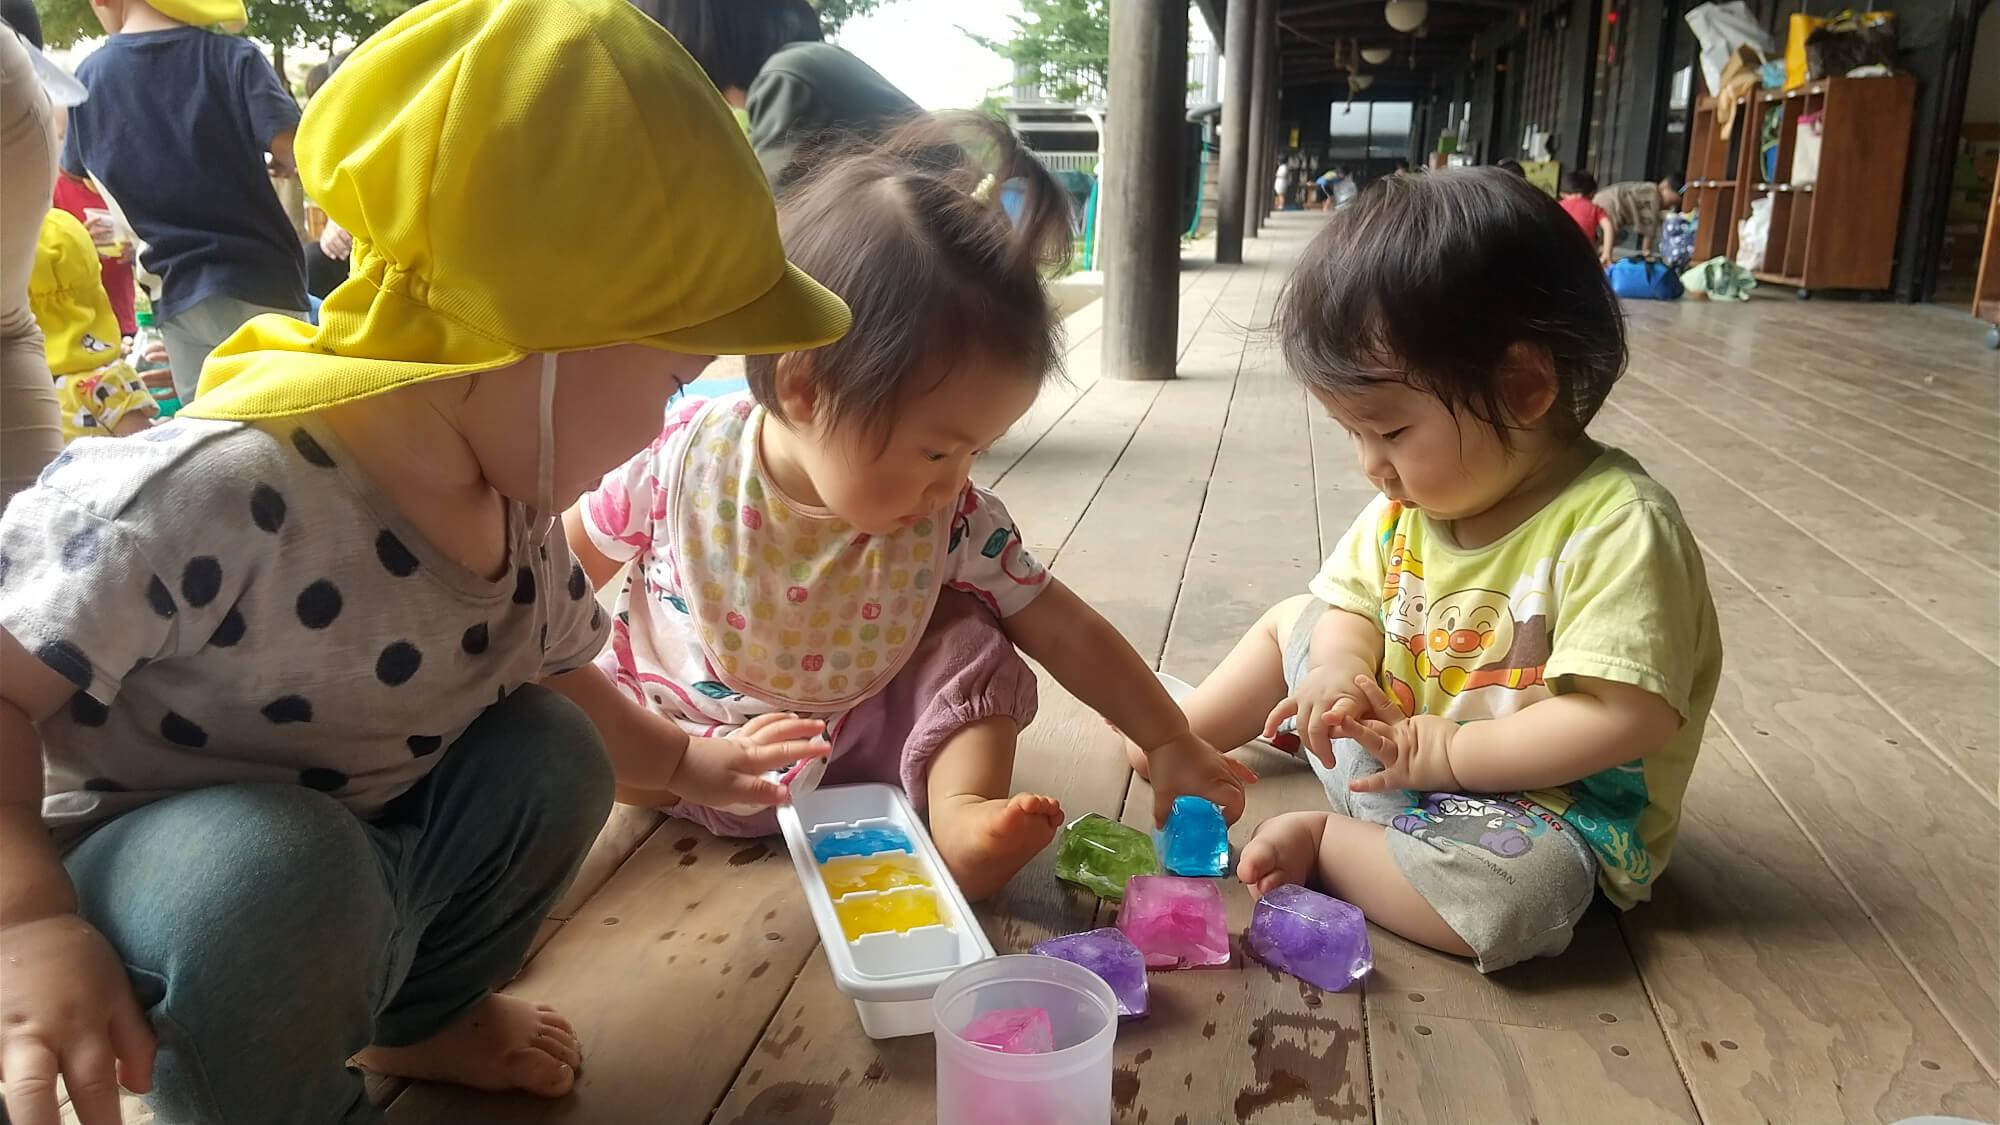 色水を凍らせて遊ぶ子どもたち